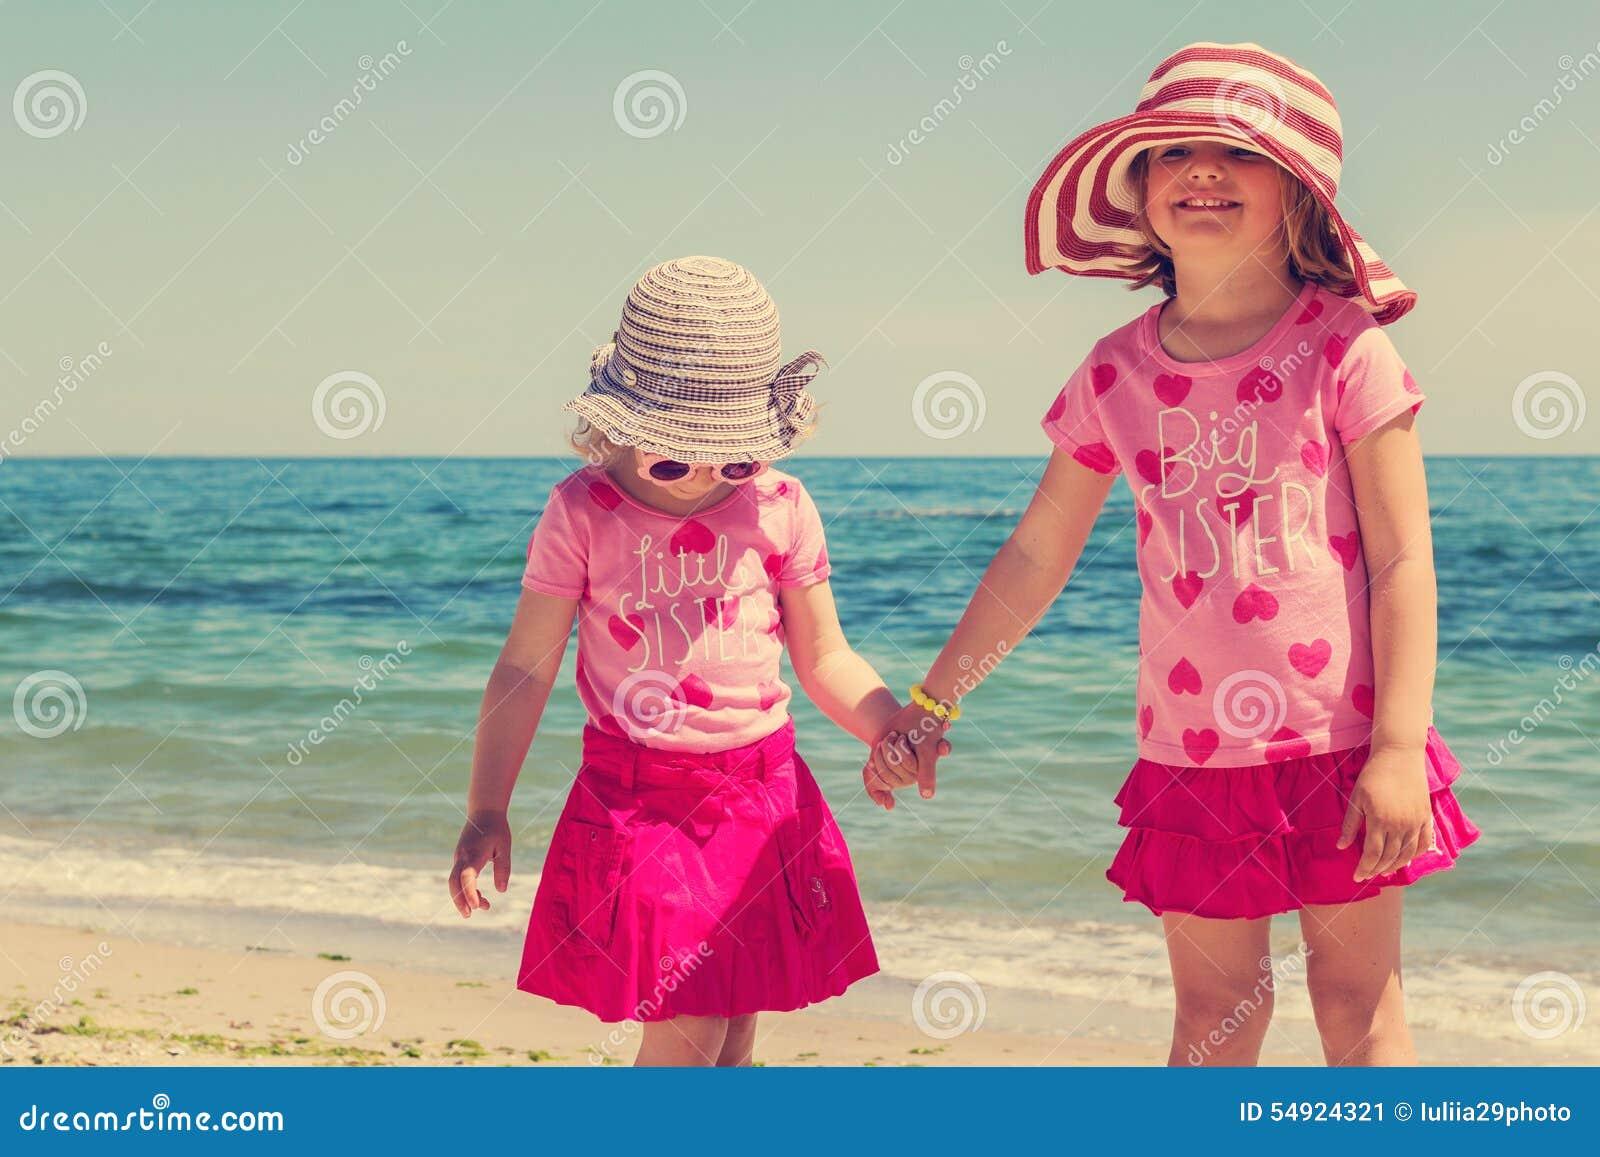 Молоденькие девочки на нудистком пляже фото 103-965